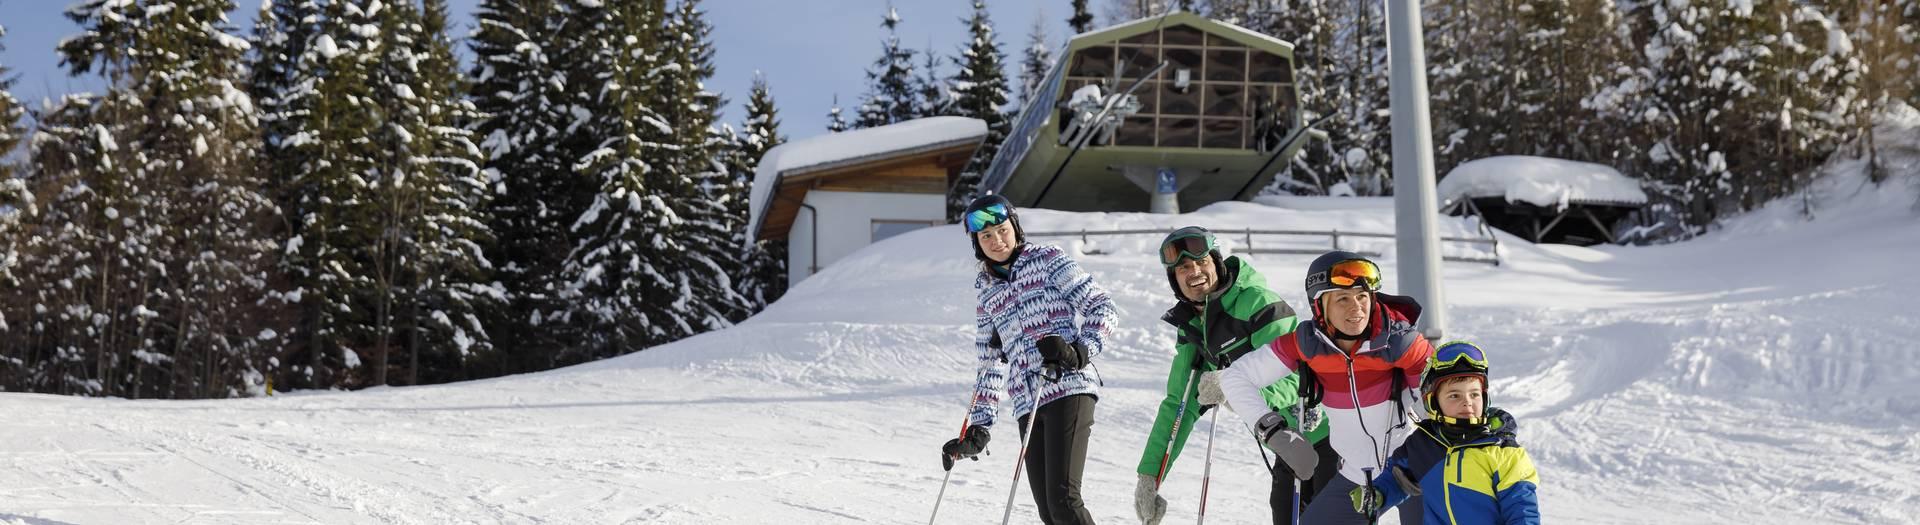 Region Weissensee_Winter_Familie beim Skifahren